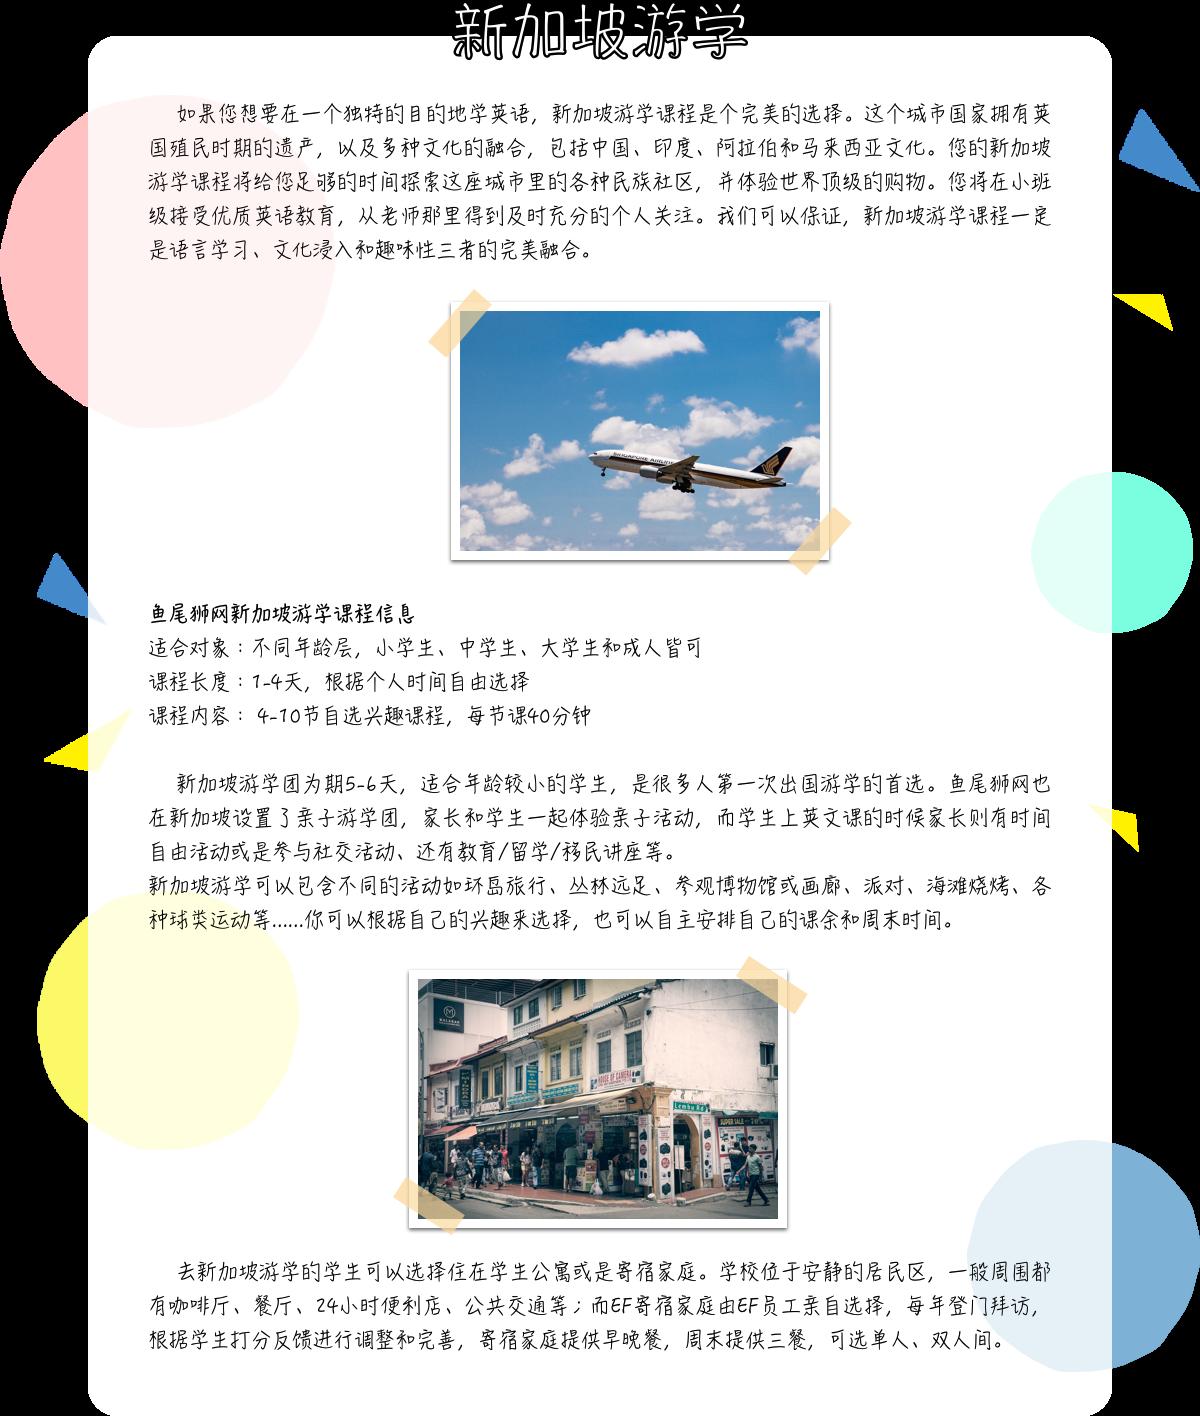 如果您想要在一个独特的目的地学英语,新加坡游学课程是个完美的选择。         这个城市国家拥有英国殖民时期的遗产,以及多种文化的融合,包括中国、印度、阿拉伯和马来西亚文化。         您的新加坡游学课程将给您足够的时间探索这座城市里的各种民族社区,并体验世界顶级的购物。您将在小班级接受优质英语教育,从老师那里得到及时充分的个人关注。         我们可以保证,新加坡游学课程一定是语言学习、文化浸入和趣味性三者的完美融合。         鱼尾狮网新加坡游学课程信息         适合对象:不同年龄层,小学生、中学生、大学生和成人皆可课程长度:1-4天,根据个人时间自由选择课程内容: 4-10节自选兴趣课程,每节课40分钟         新加坡游学团为期5-6天,适合年龄较小的学生,是很多人第一次出国游学的首选。鱼尾狮网也在新加坡设置了亲子游学团,家长和学生一起体验亲子活动,而学生上英文课的时候家长则有时间自由活动或是参与社交活动、         教育/留学/移民讲座等。         新加坡游学可以包含不同的活动如环岛旅行、丛林远足、参观博物馆或画廊、派对、海滩烧烤、各种球类运动等......你可以根据自己的兴趣来选择,也可以自主安排自己的课余和周末时间。         去新加坡游学的学生可以选择住在学生公寓或是寄宿家庭。学校位于安静的居民区,一般周围都有咖啡厅、餐厅、24小时便利店、公共交通等;而EF寄宿家庭由EF员工亲自选择,每年登门拜访,根据学生打分反馈进行调整和完善,         寄宿家庭提供早晚餐,周末提供三餐,可选单人、双人间。